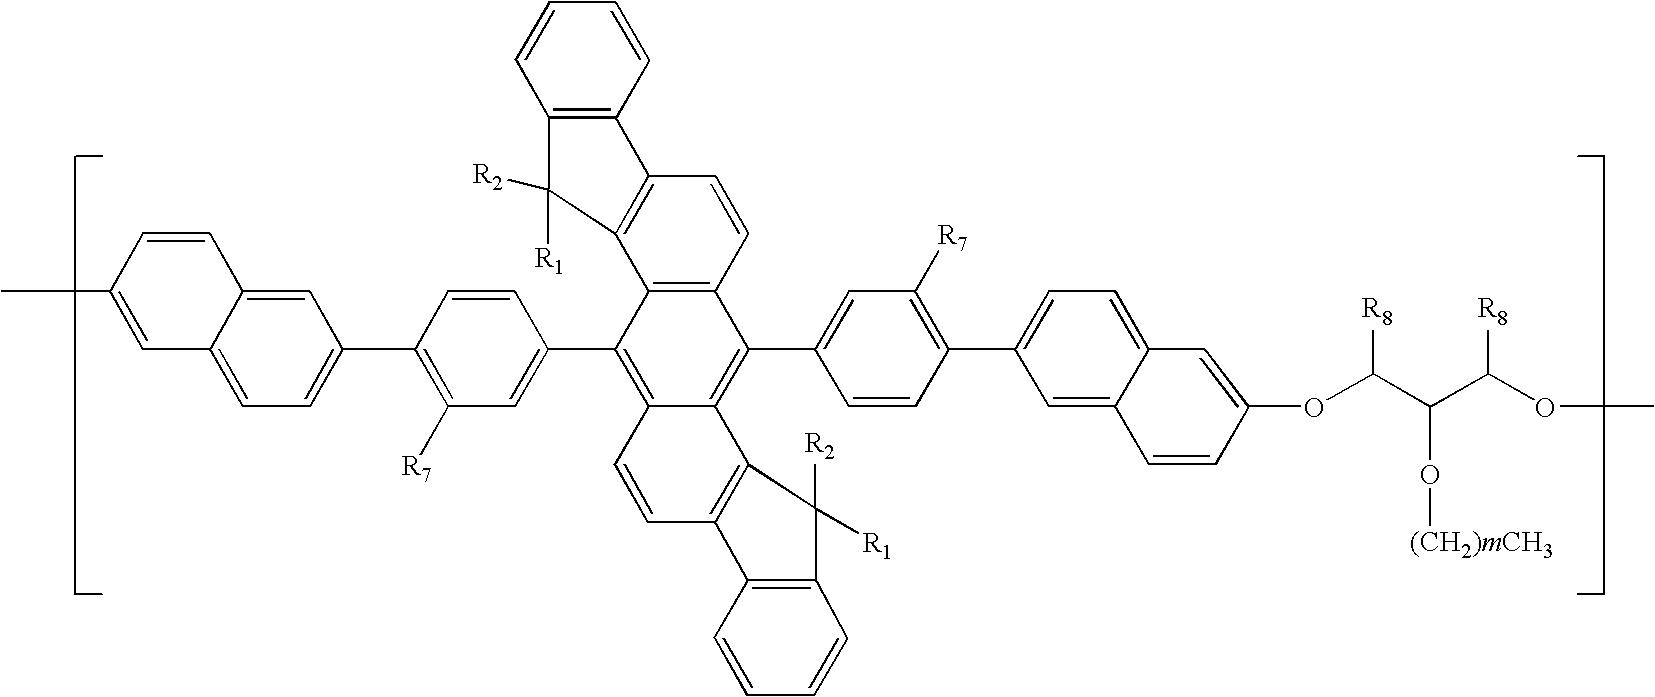 Figure US06849348-20050201-C00067